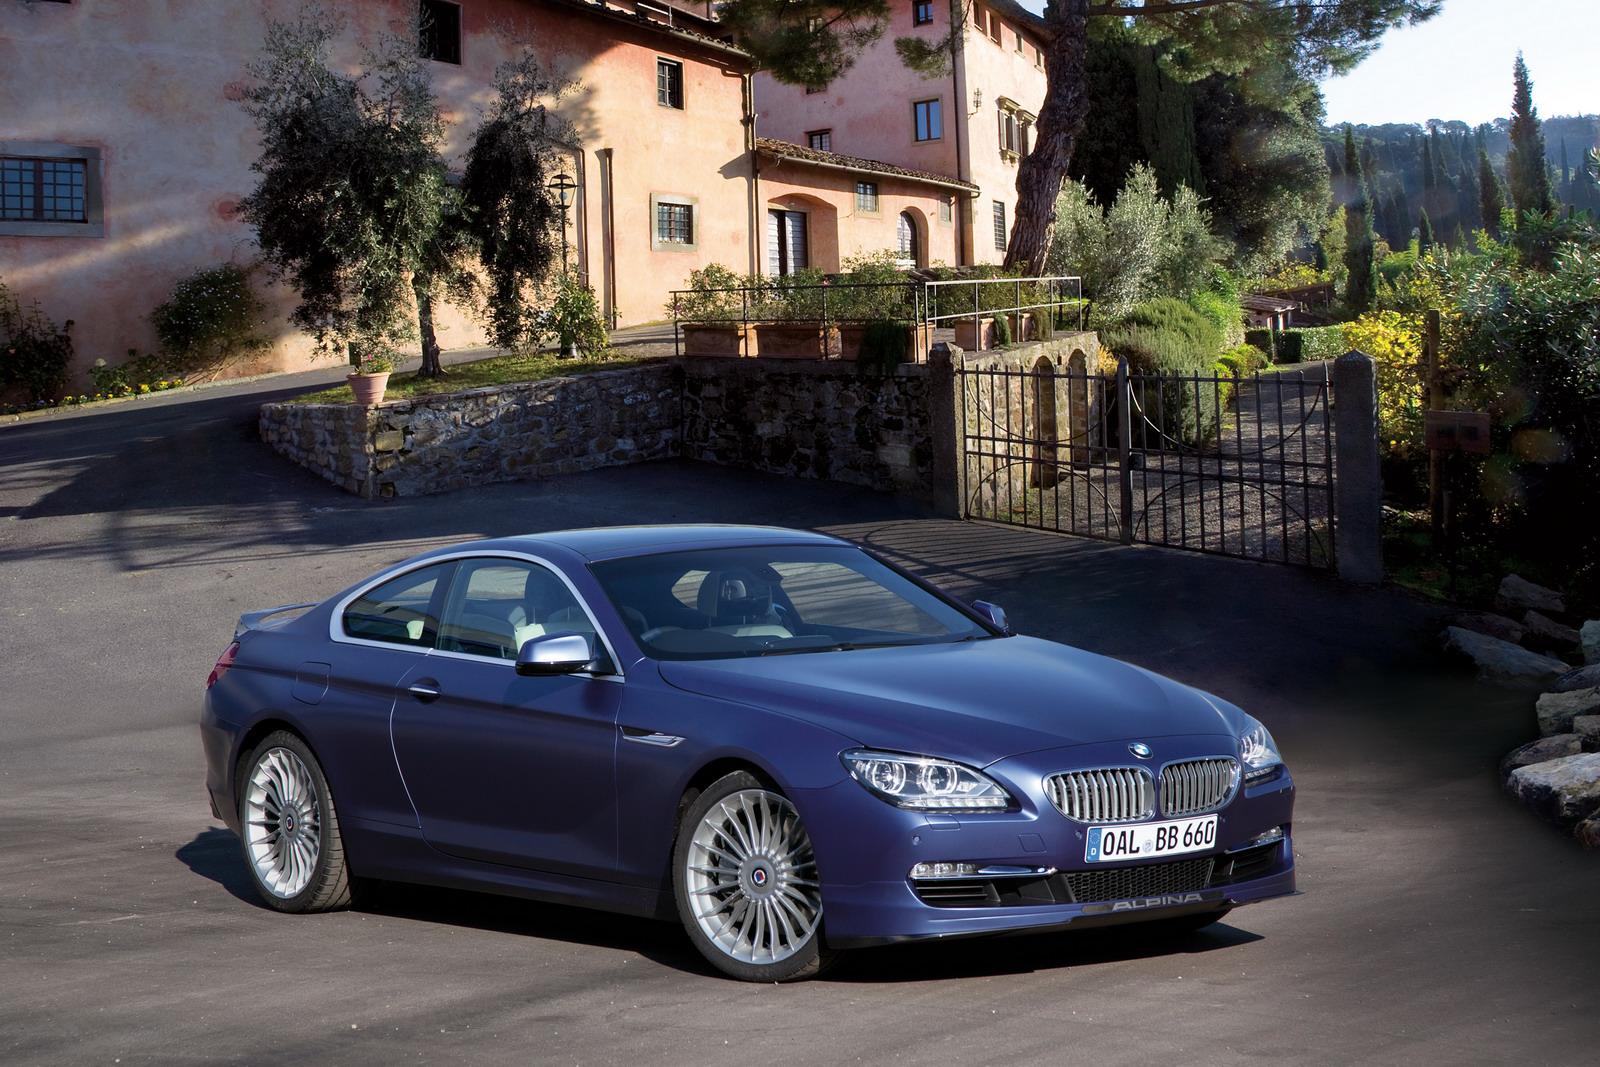 Alpina B6 Bi-Turbo Coupé je k dostání dříve než BMW M6 1